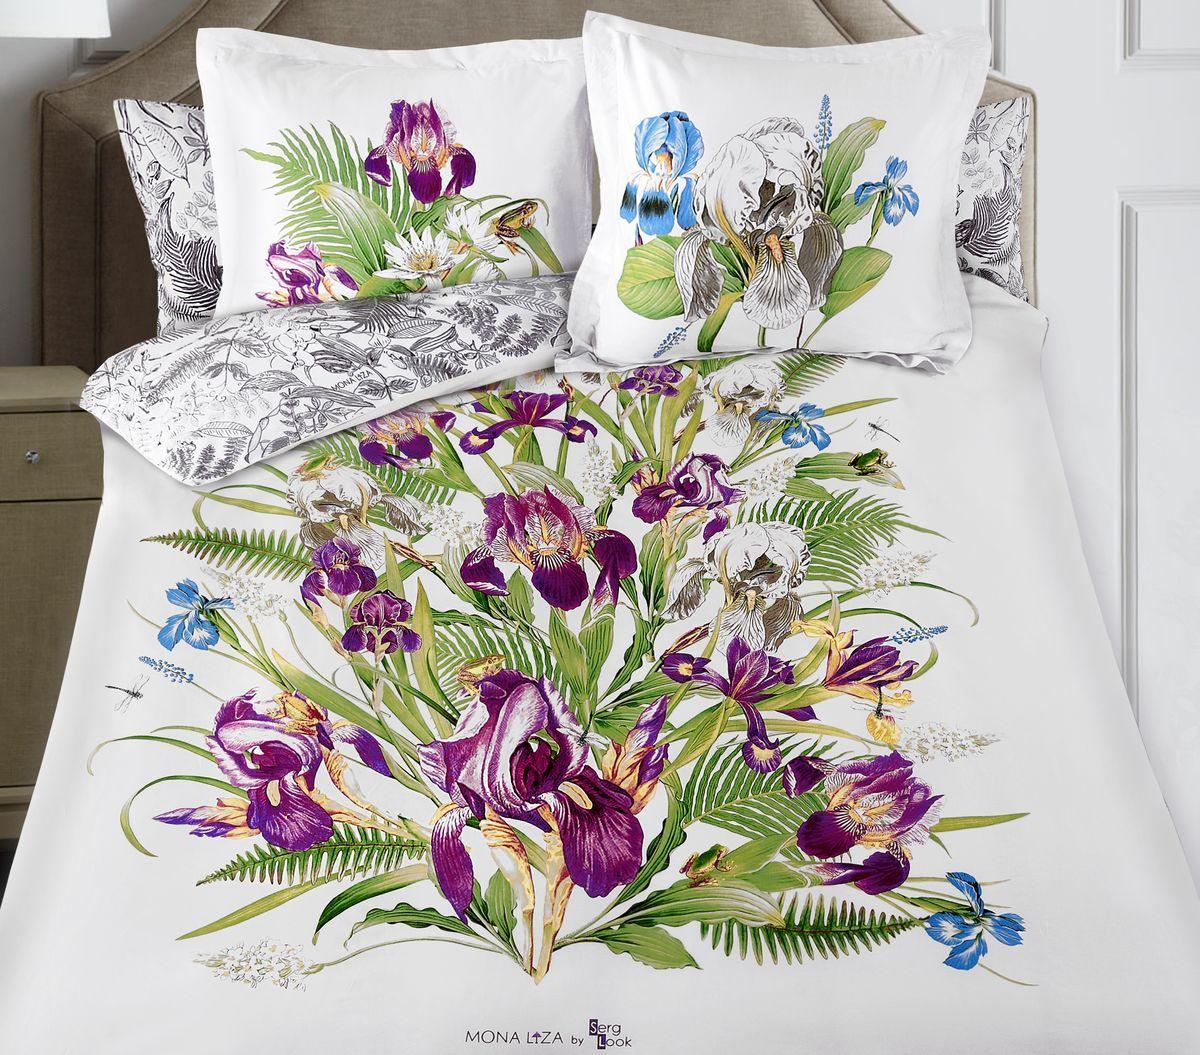 Комплект белья Mona Liza Iris, евро, наволочки 50x70 и 70x709/7Флоральные мотивы редких экзотических цветов, переведенные в паттерн, позаимствованы из путешествий по тропическим лесам, будоражат воображение природными сочетаниями цветовых палитр и роскошью принтов. Коллекция принесет в ваш дом незабываемое настроение и добавит колорит. Высококачественный сатин окутает и позволит раствориться в мечтах о дальних жарких странах и окунуться во время вечного лета!